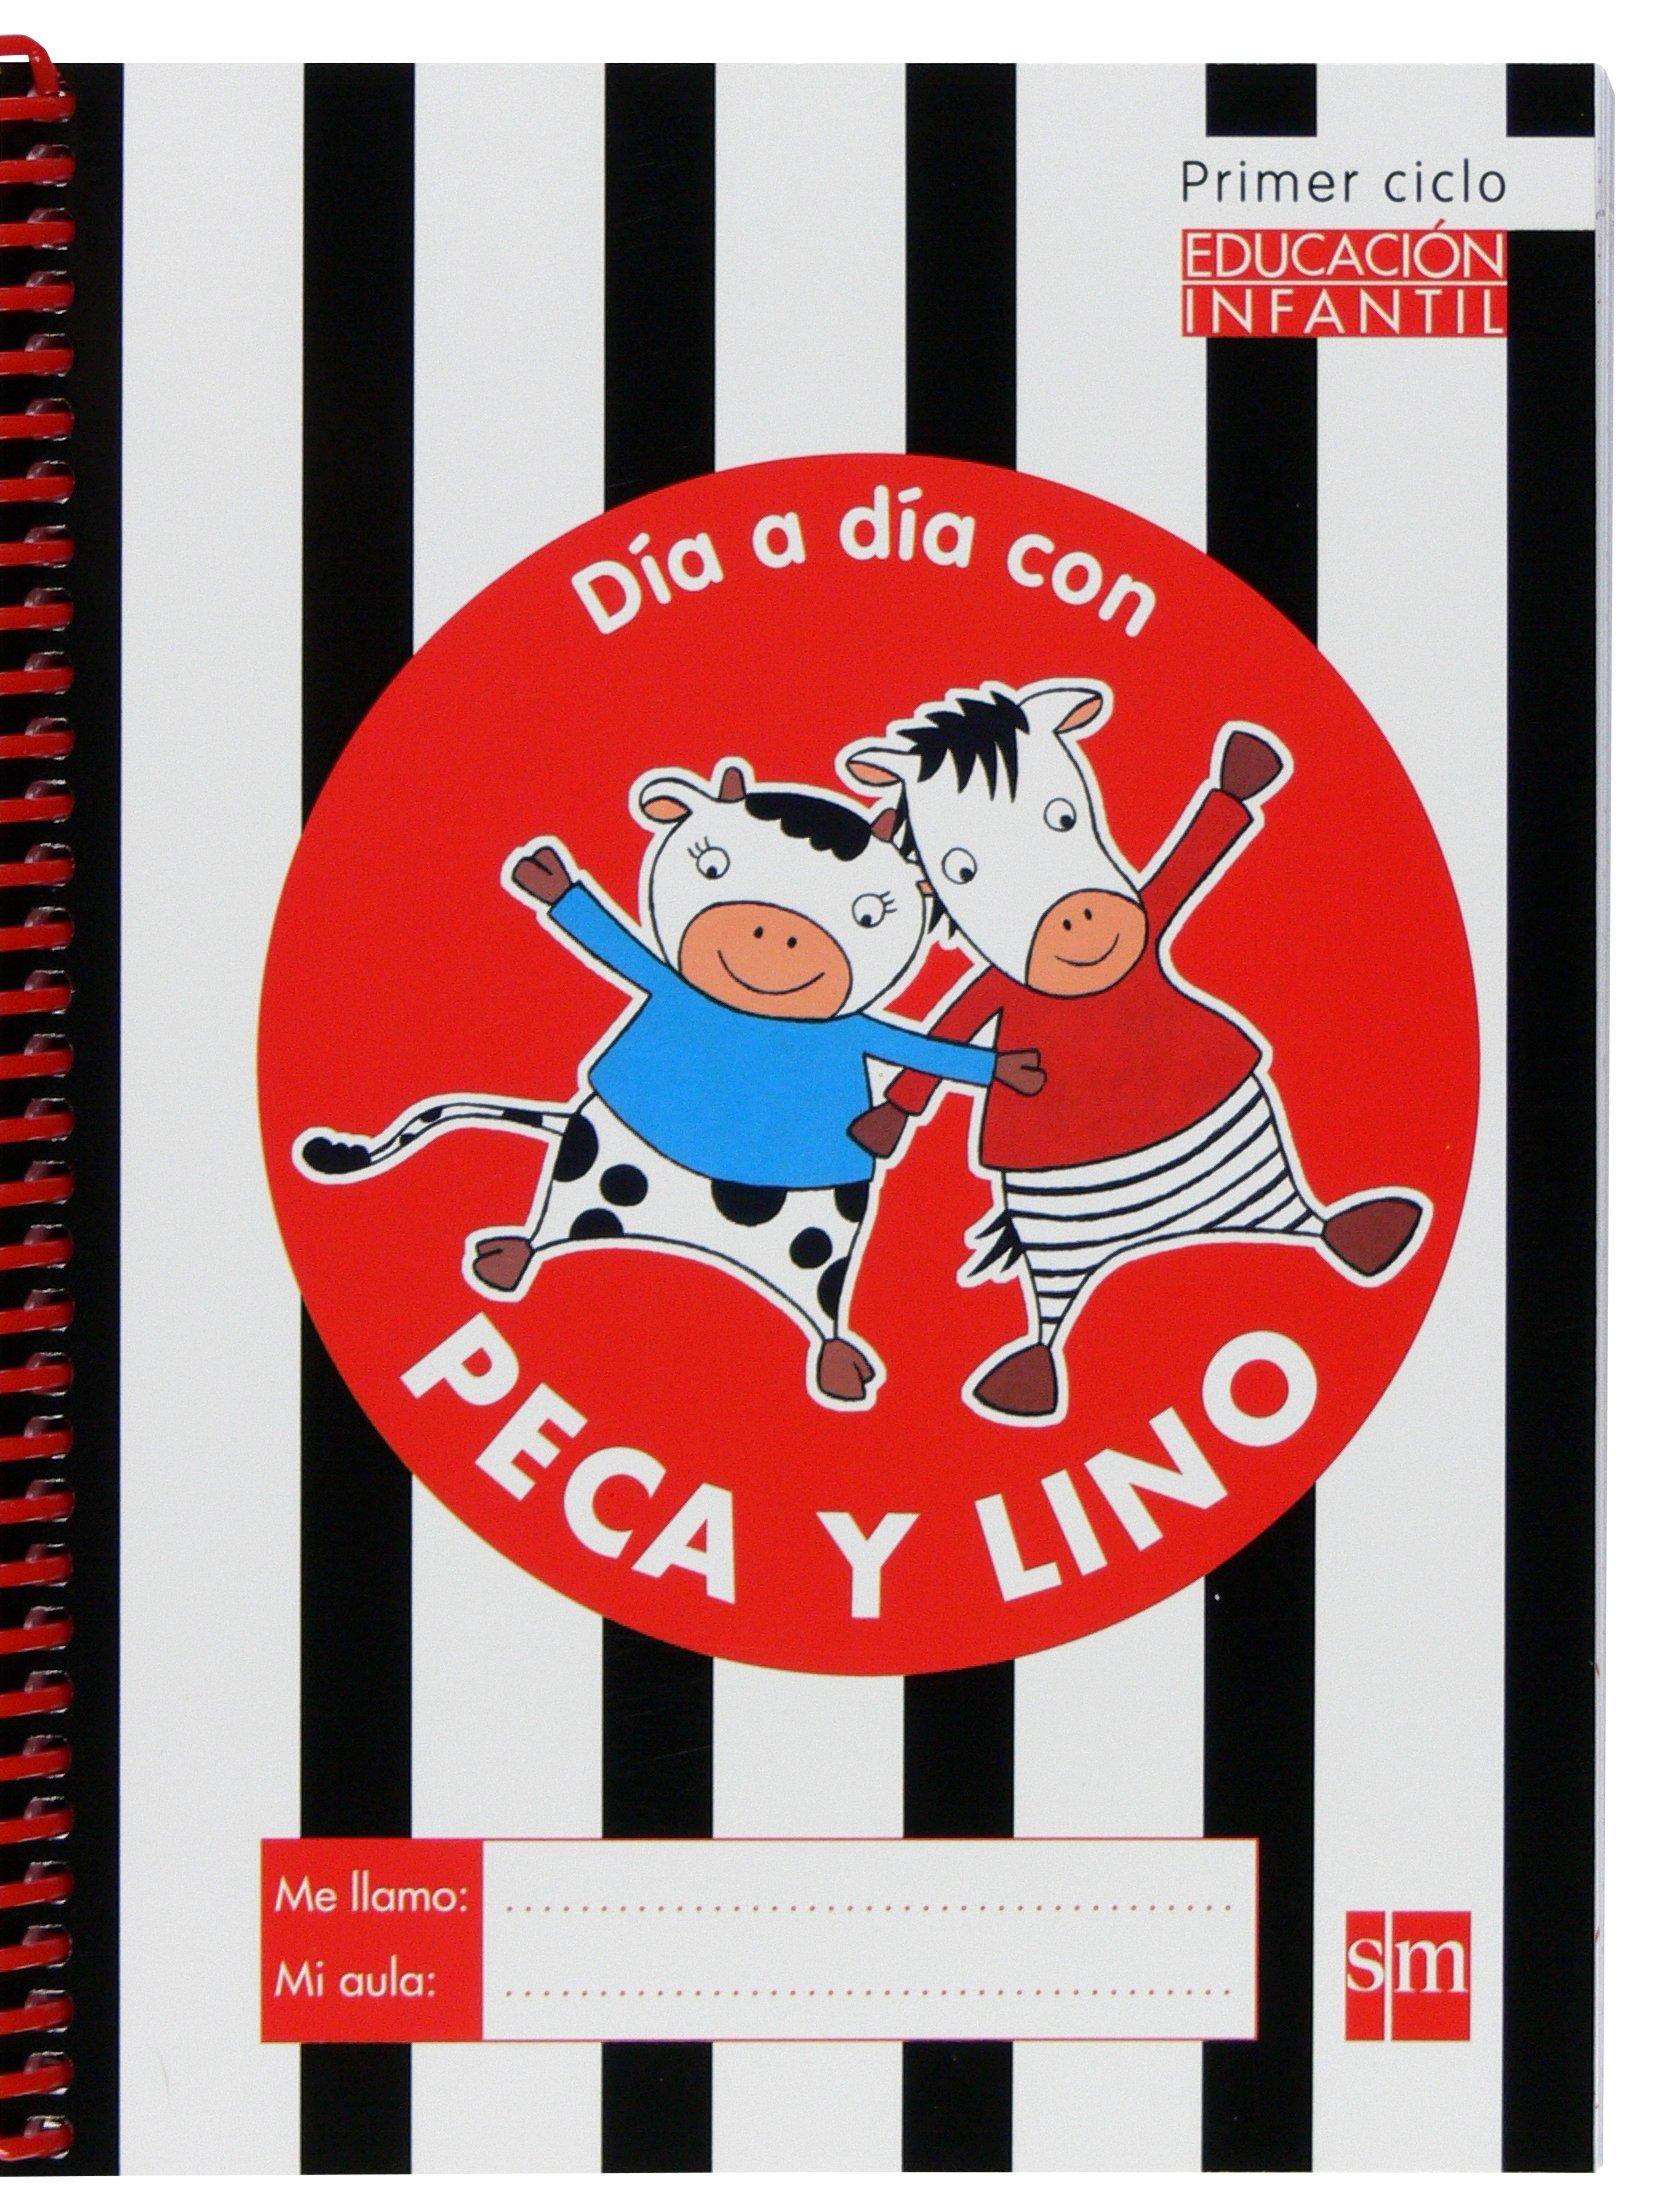 2A OS DIA A DIA CON PECA Y LUNA (AGENDA/2009) (SM ...